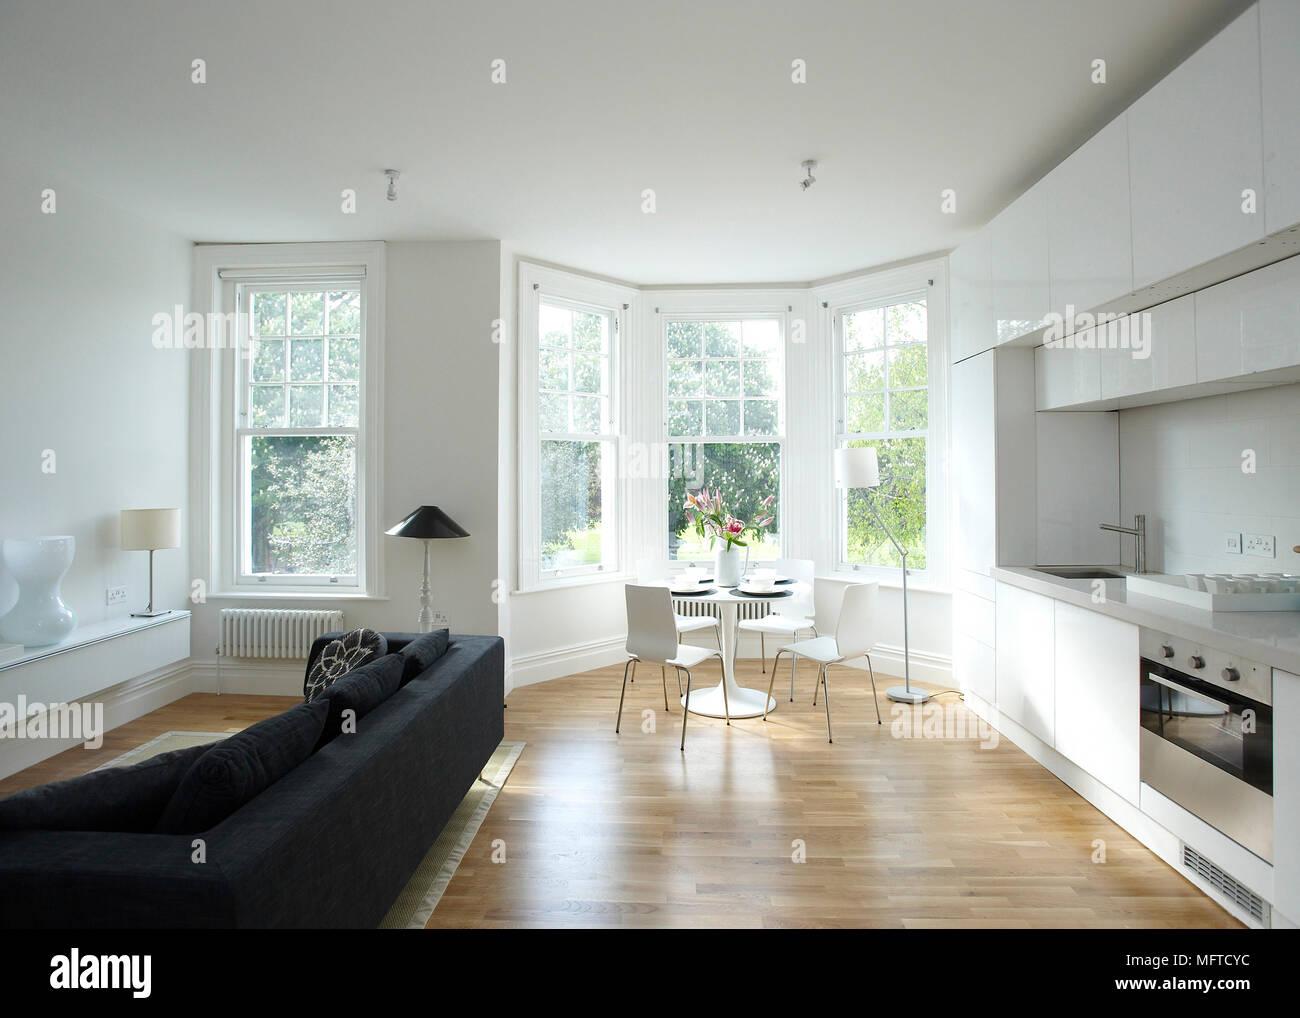 Esstisch und Stühle in moderne offene Küche mit Sitzecke Stockfoto ...